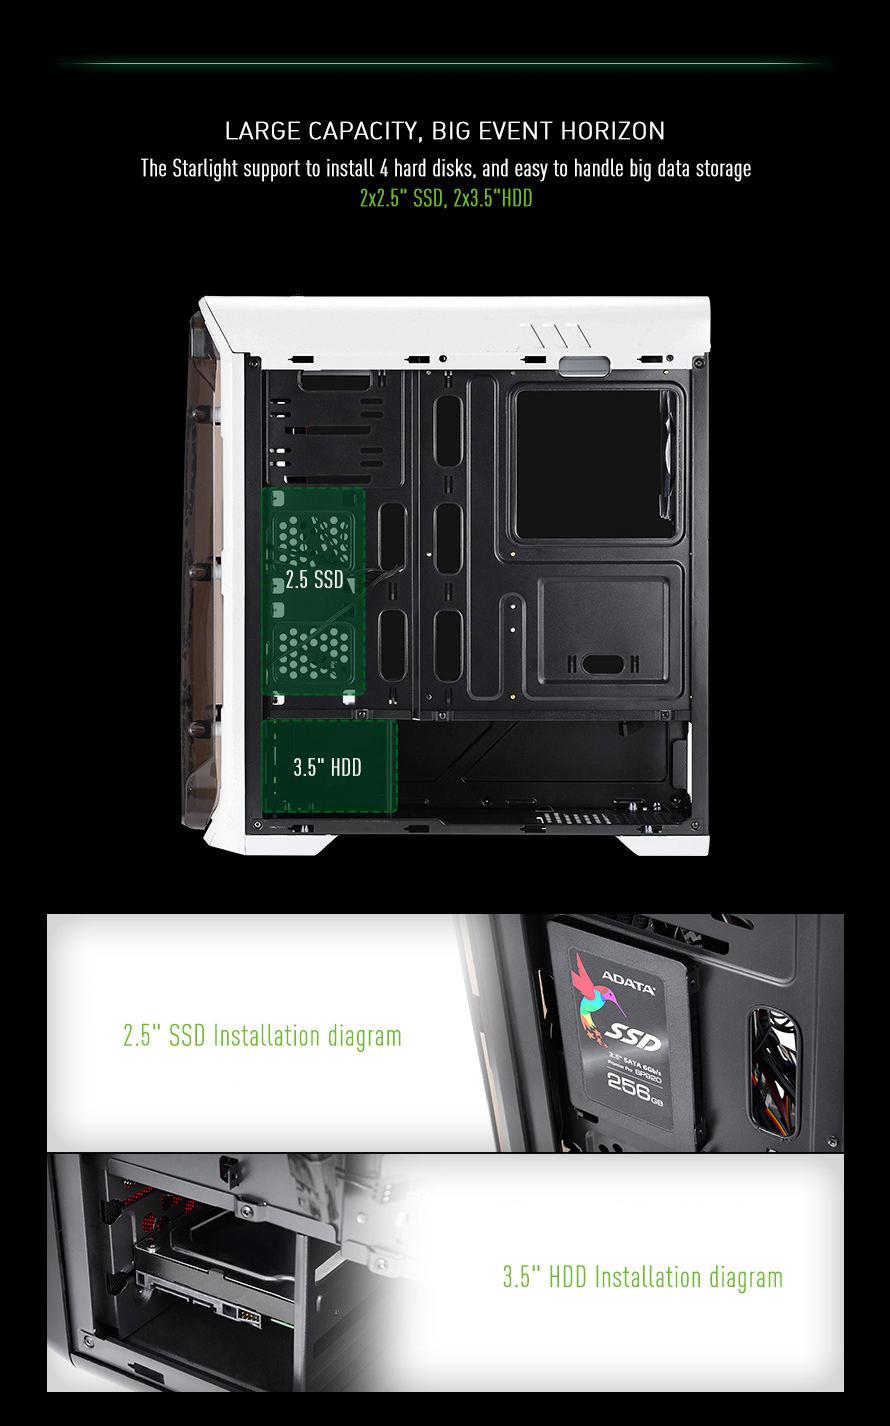 9509-白色+绿色LED灯详情页英文_07.jpg